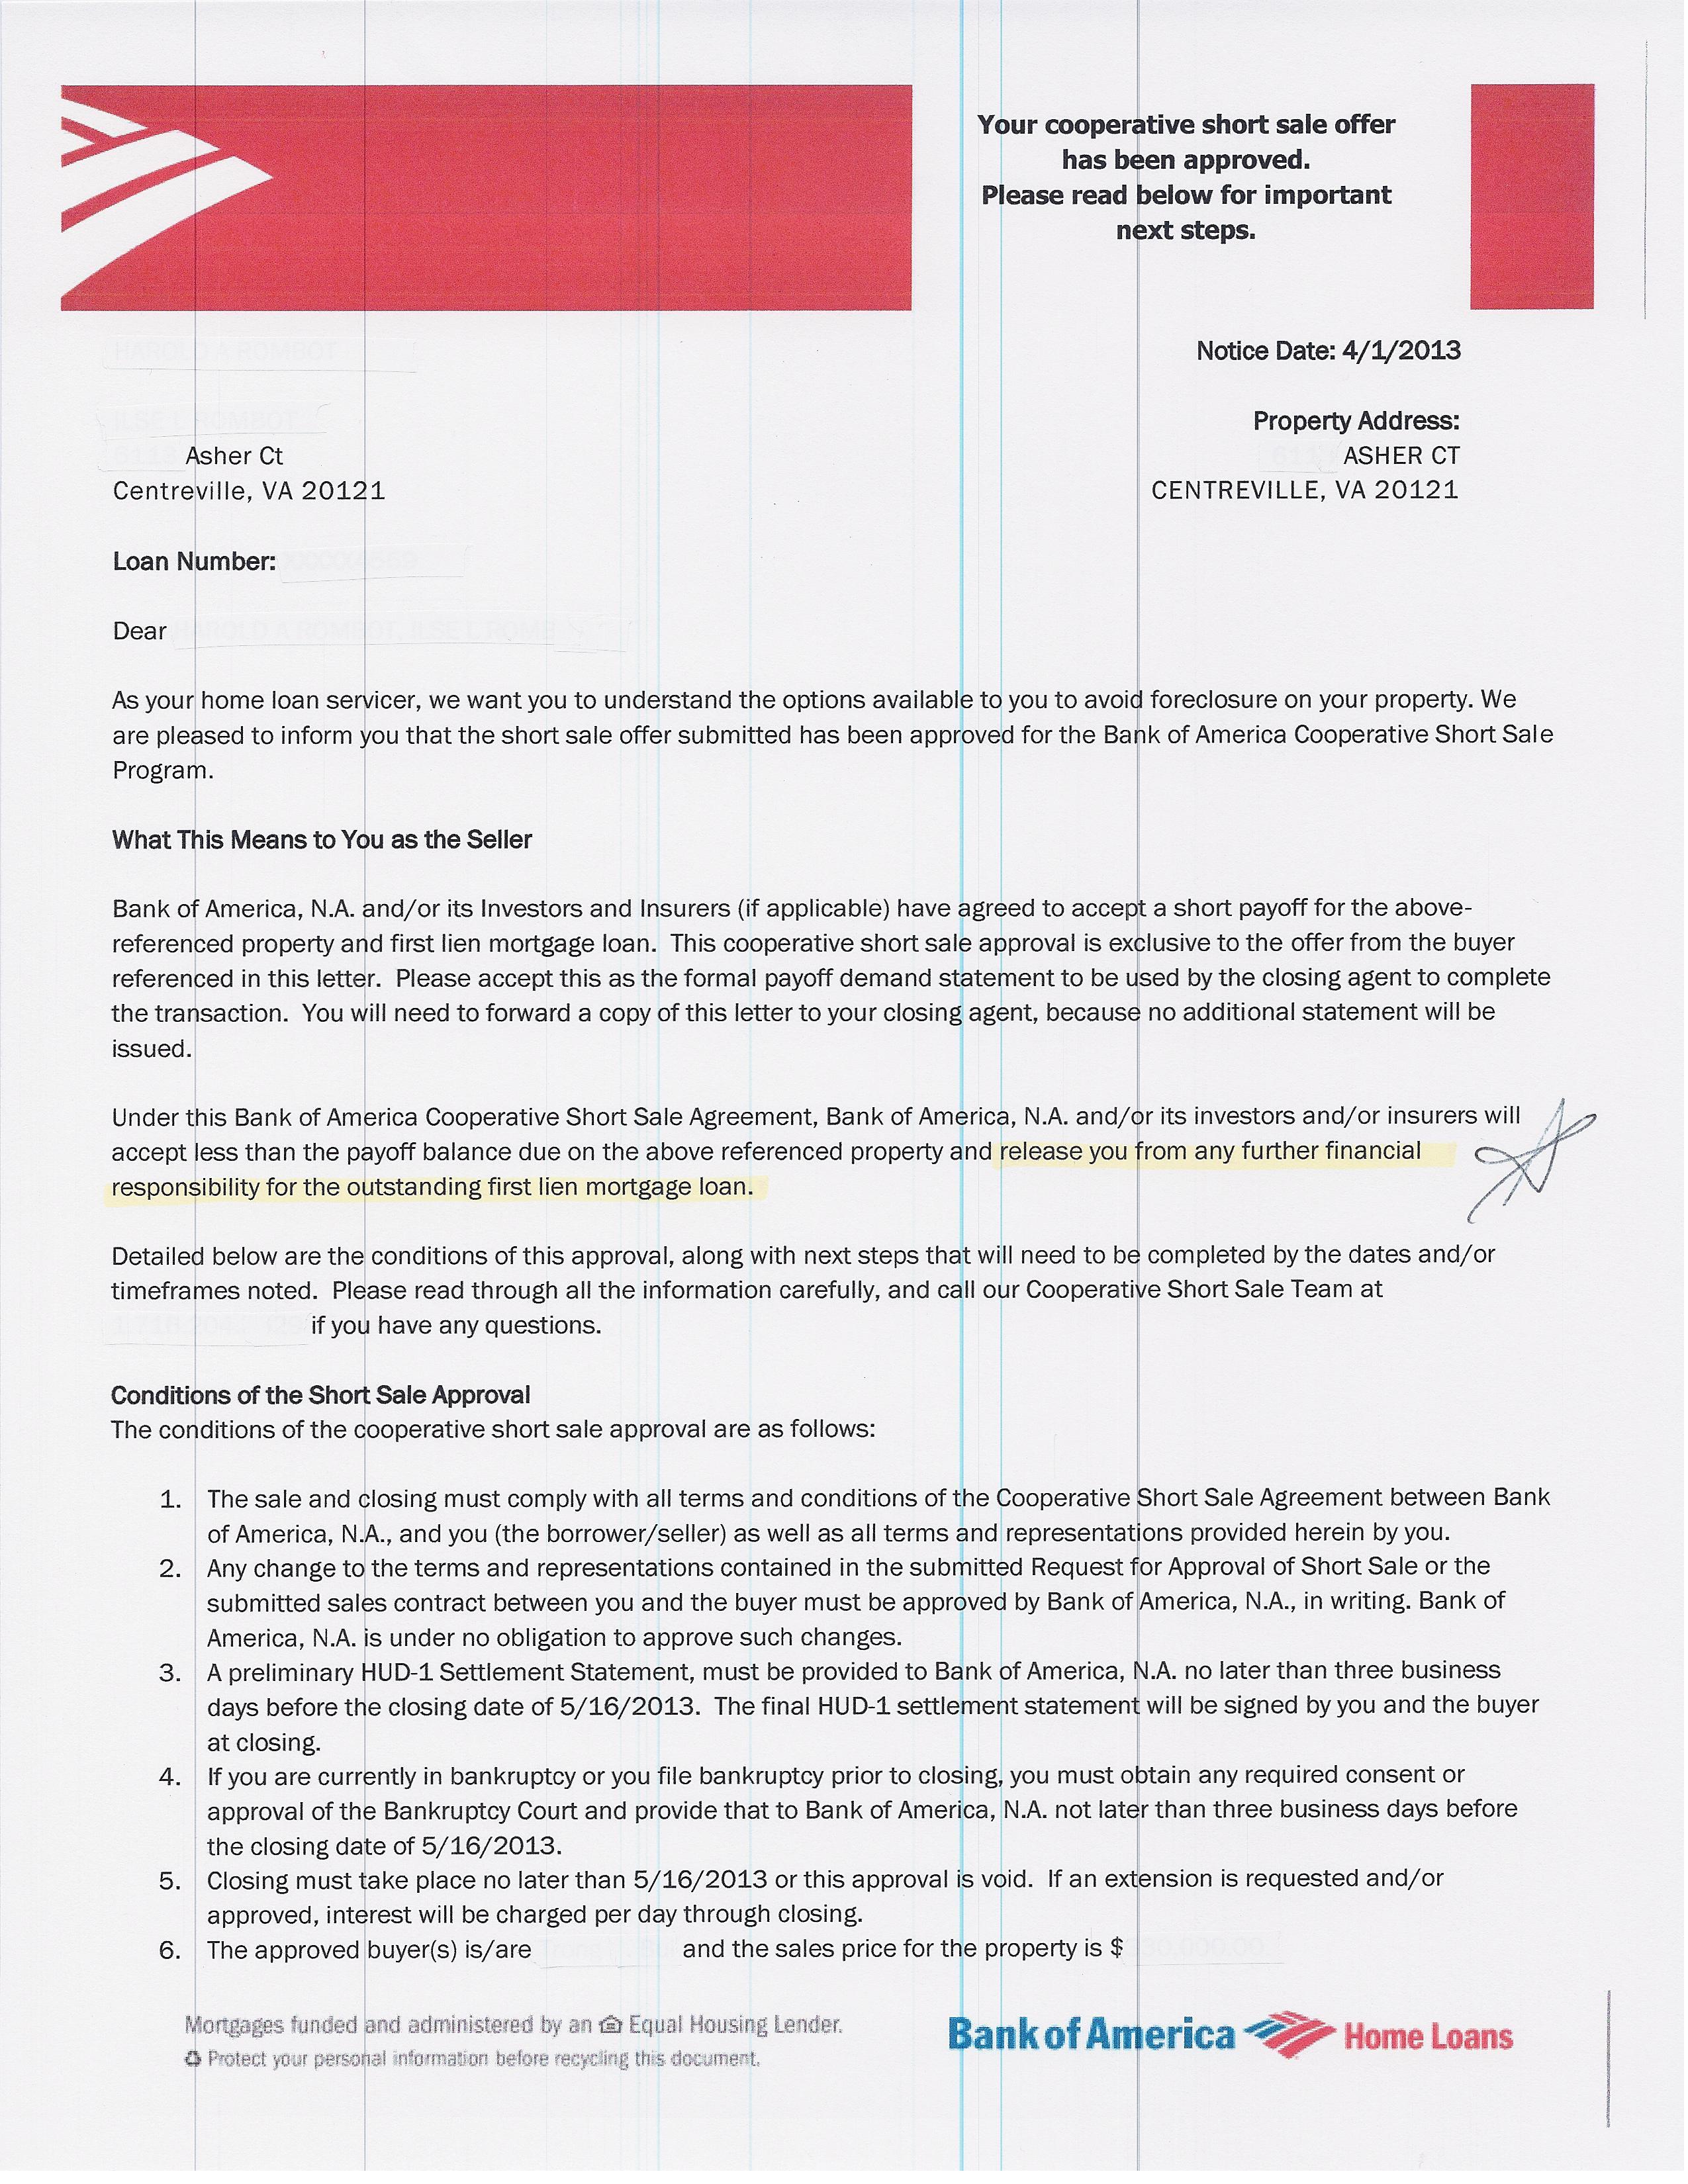 Sample Bank Of America Letterhead Cover Letter